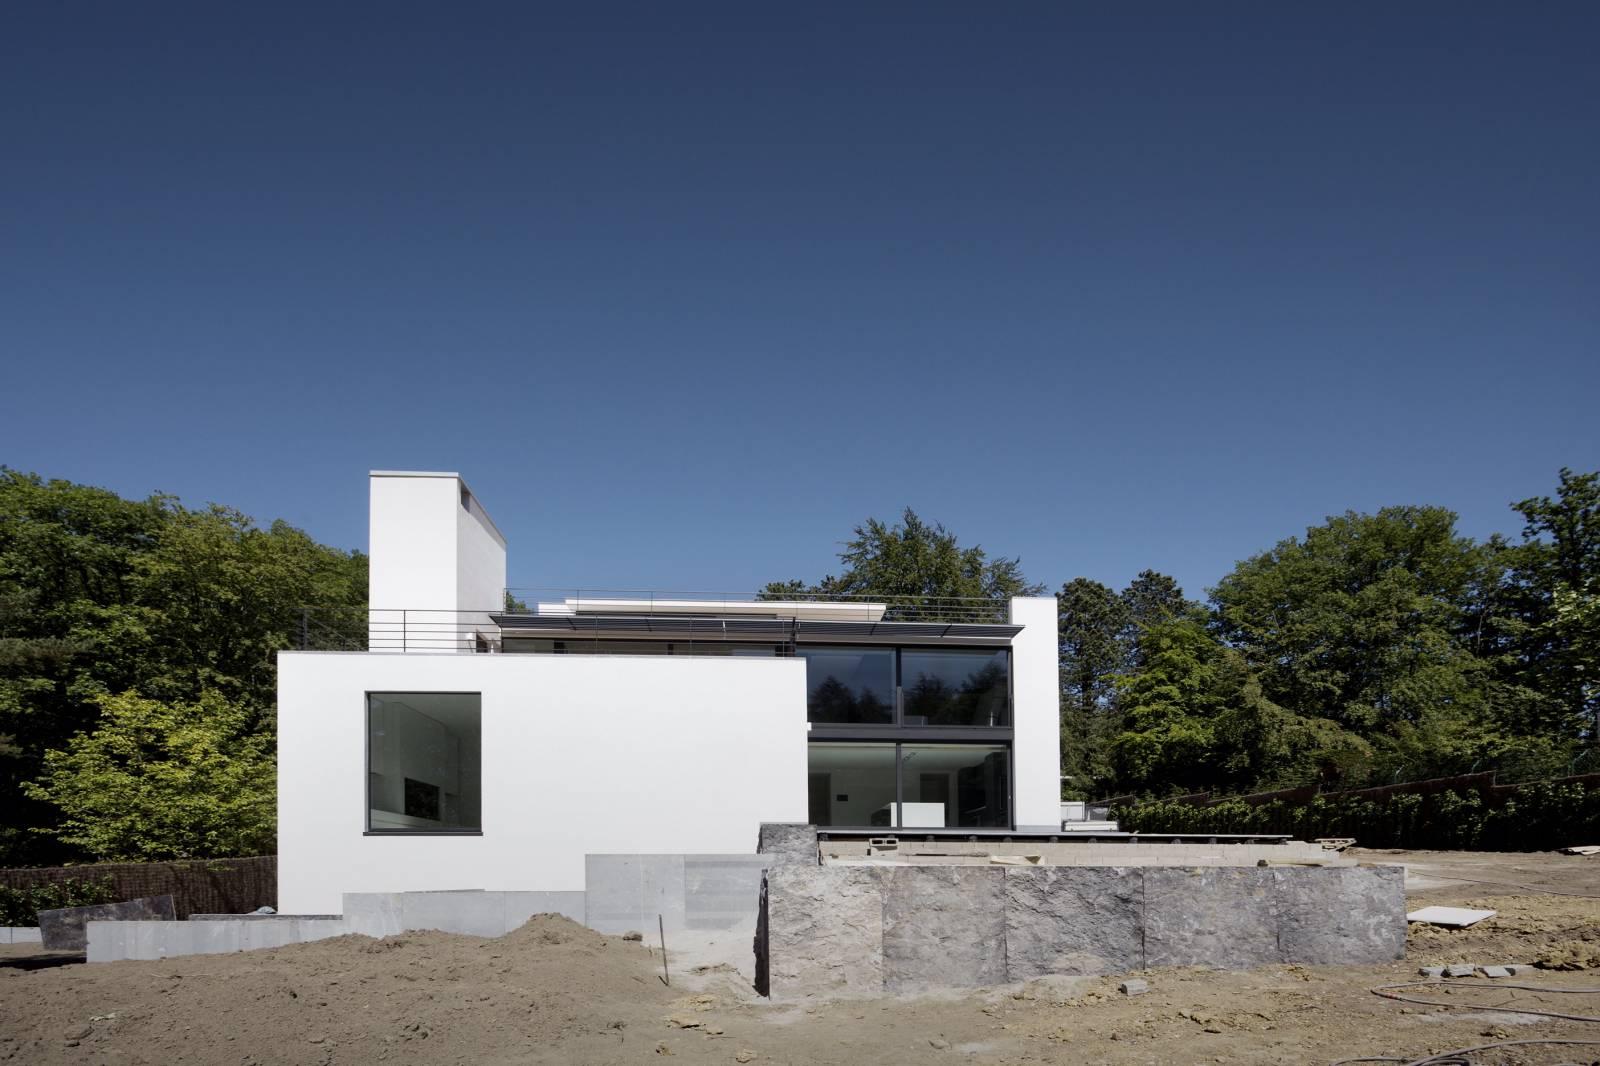 Travaux de d coration dans une maison haut de gamme de for Avis sur la maison des travaux